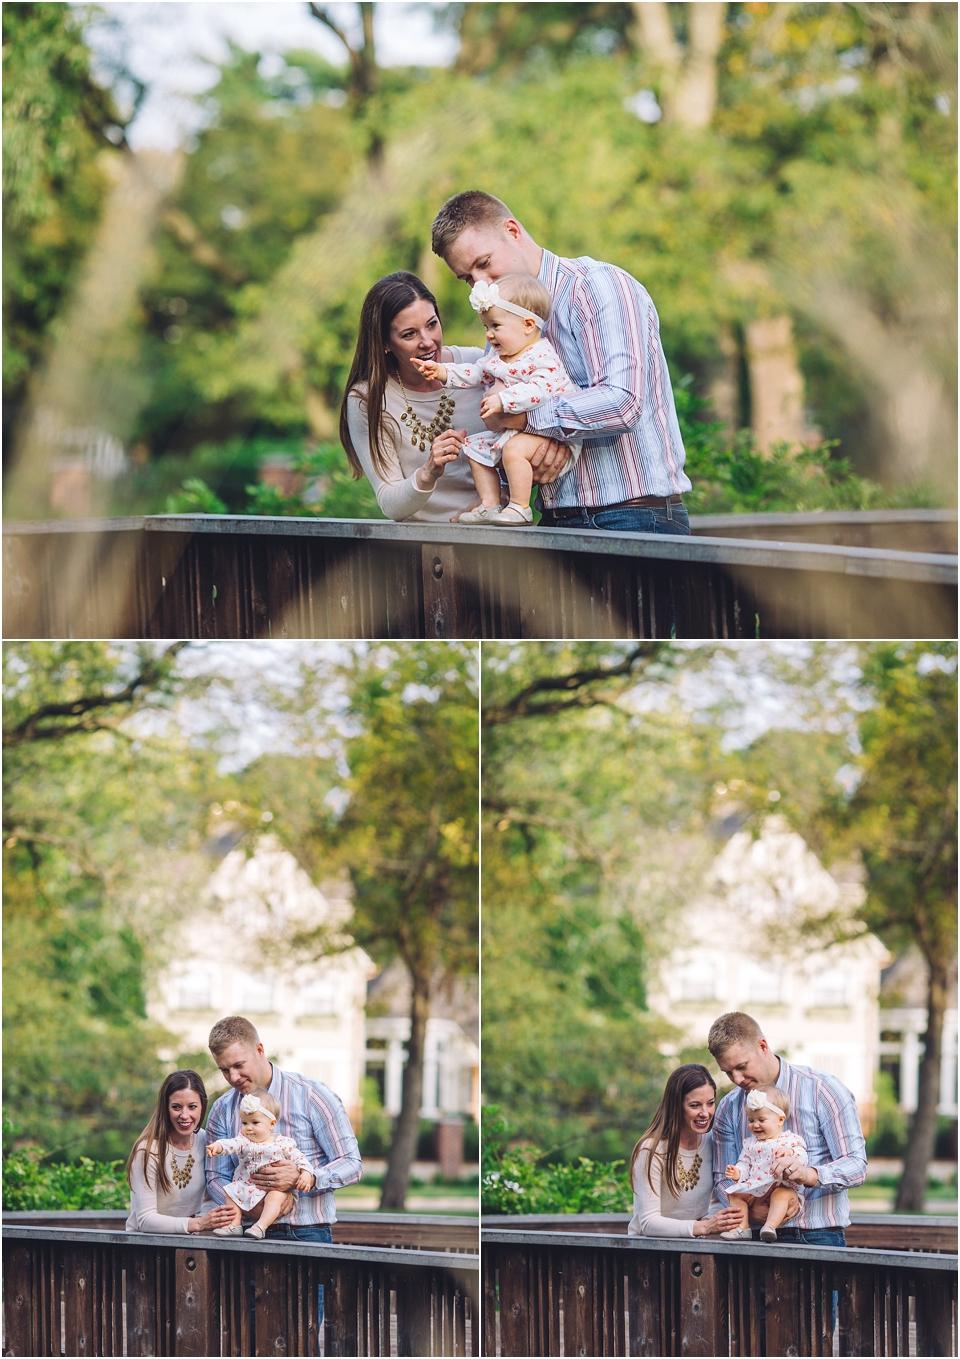 kansascitybestfamilyphotographer_0012